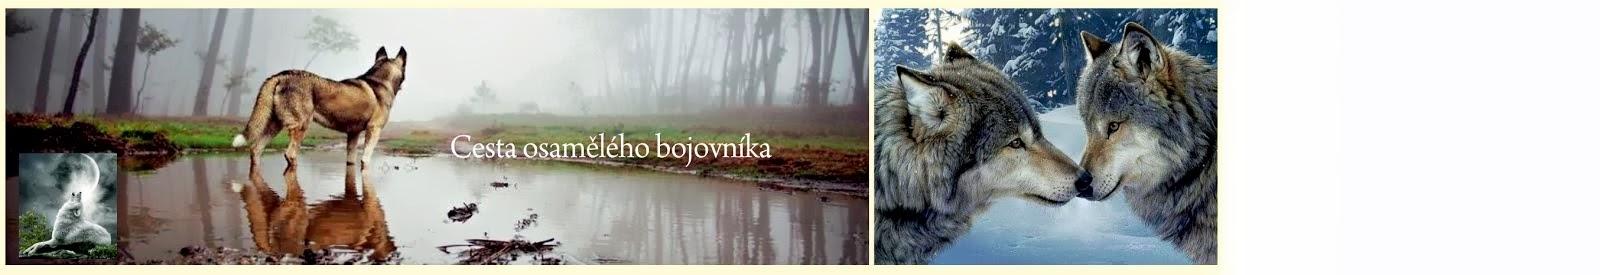 www.andele.info Libuše Švecová - Regresní terapi, konstelace, čištění podvědomí,semináře